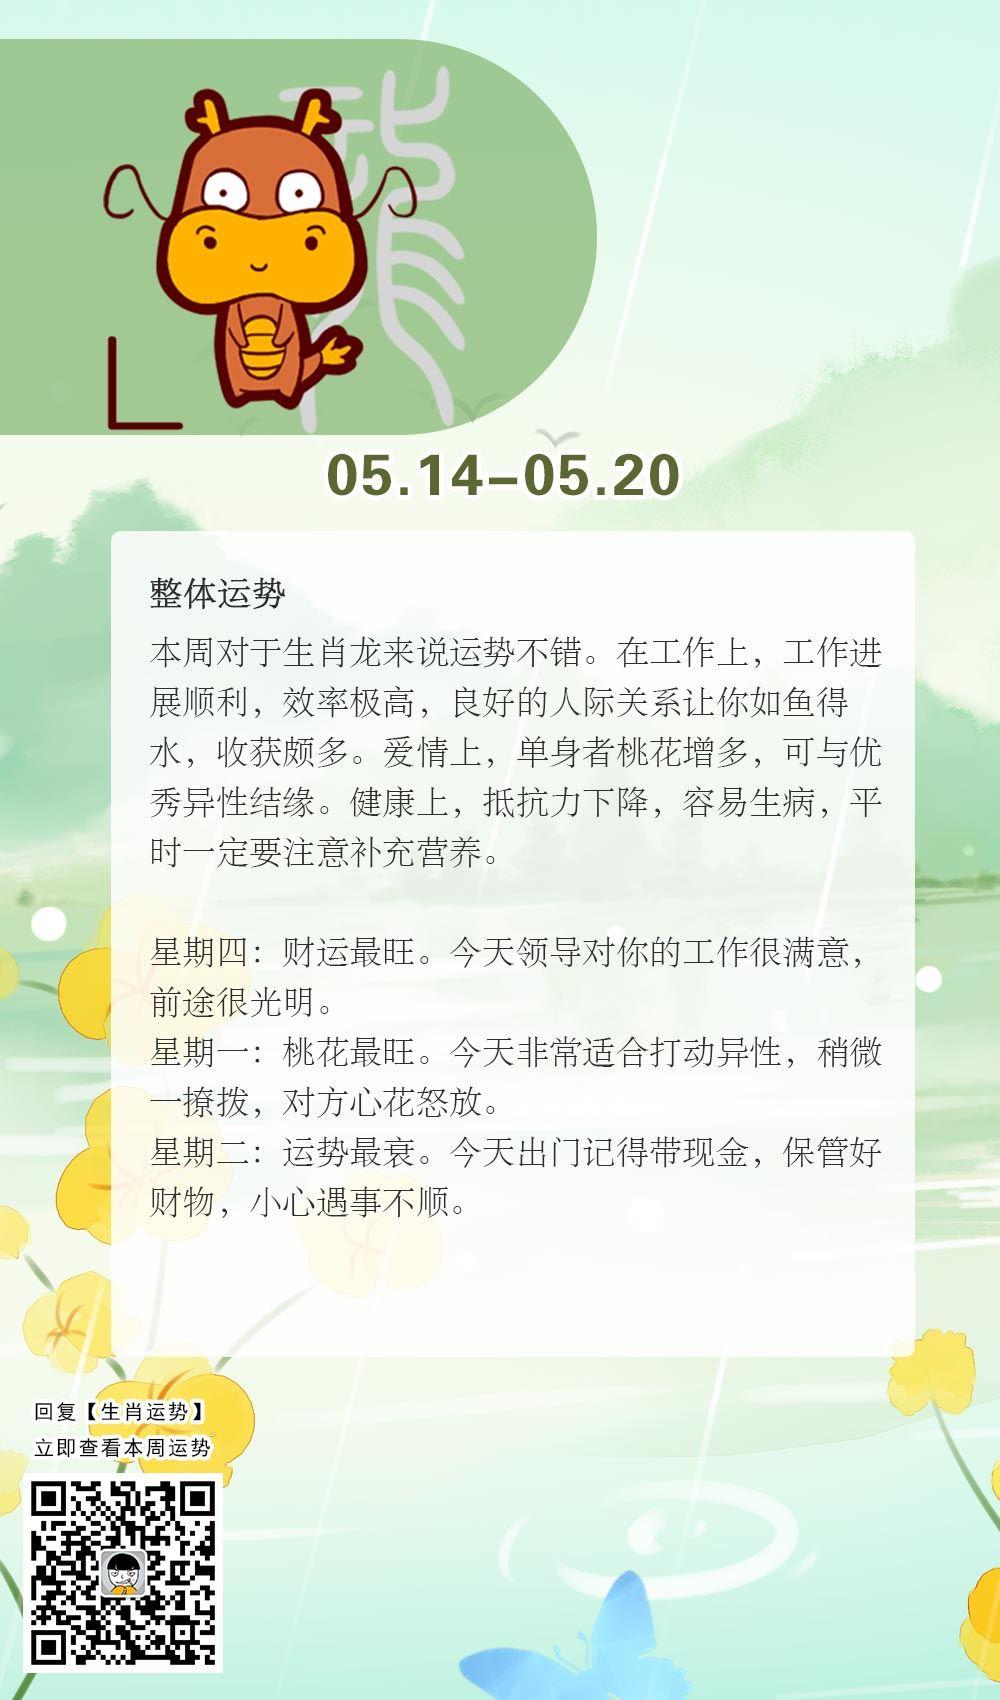 生肖龍本周運勢【2018.05.14-05.20】